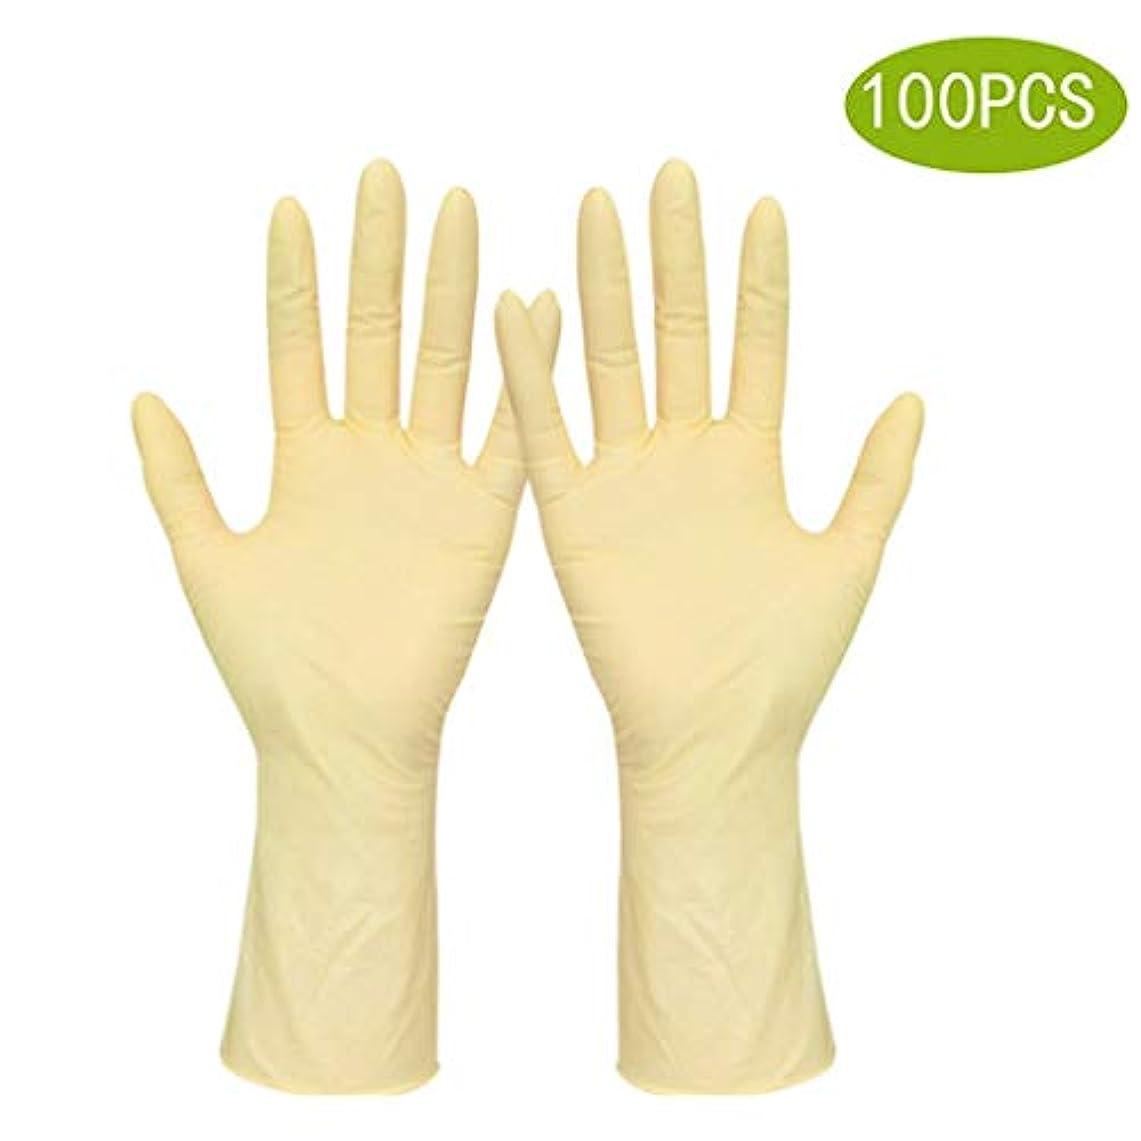 接触悪化させるラフラテックス手袋4ミル使い捨て手袋 - 試験グレード、パウダーフリー、テクスチャード加工、非滅菌、小、100個入り (Size : S)